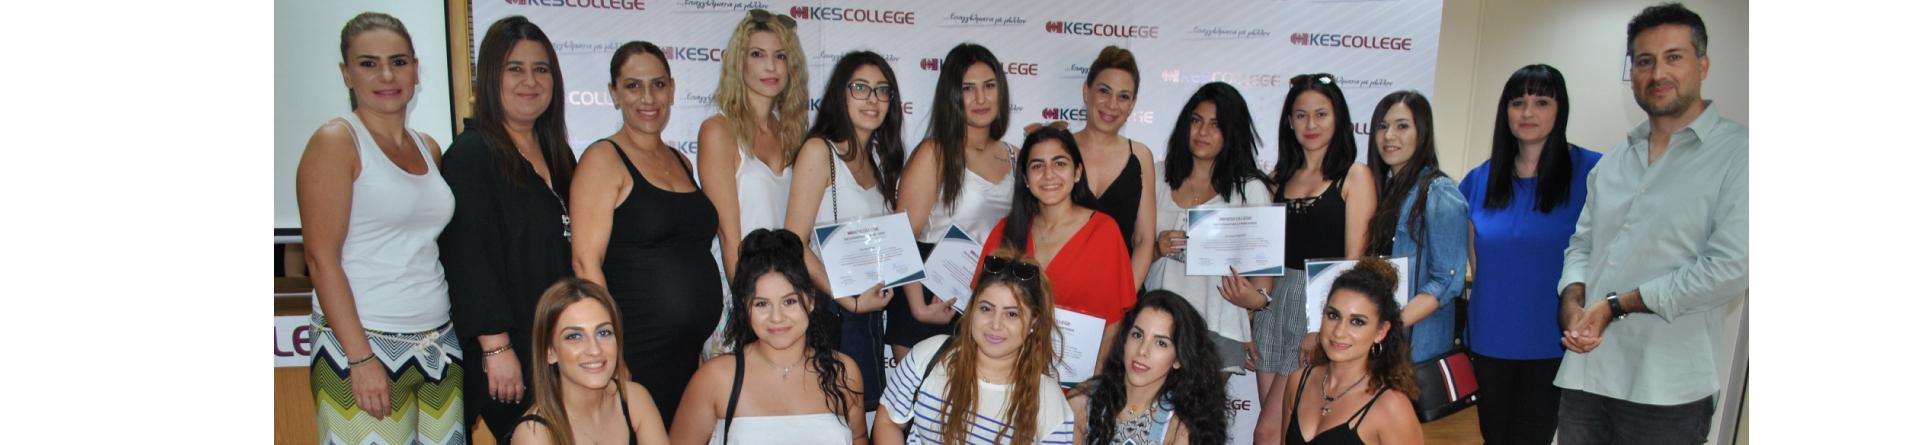 Παρουσίαση των αποτελεσμάτων του Ερευνητικού Έργου  των πελατών της MAC Cosmetics